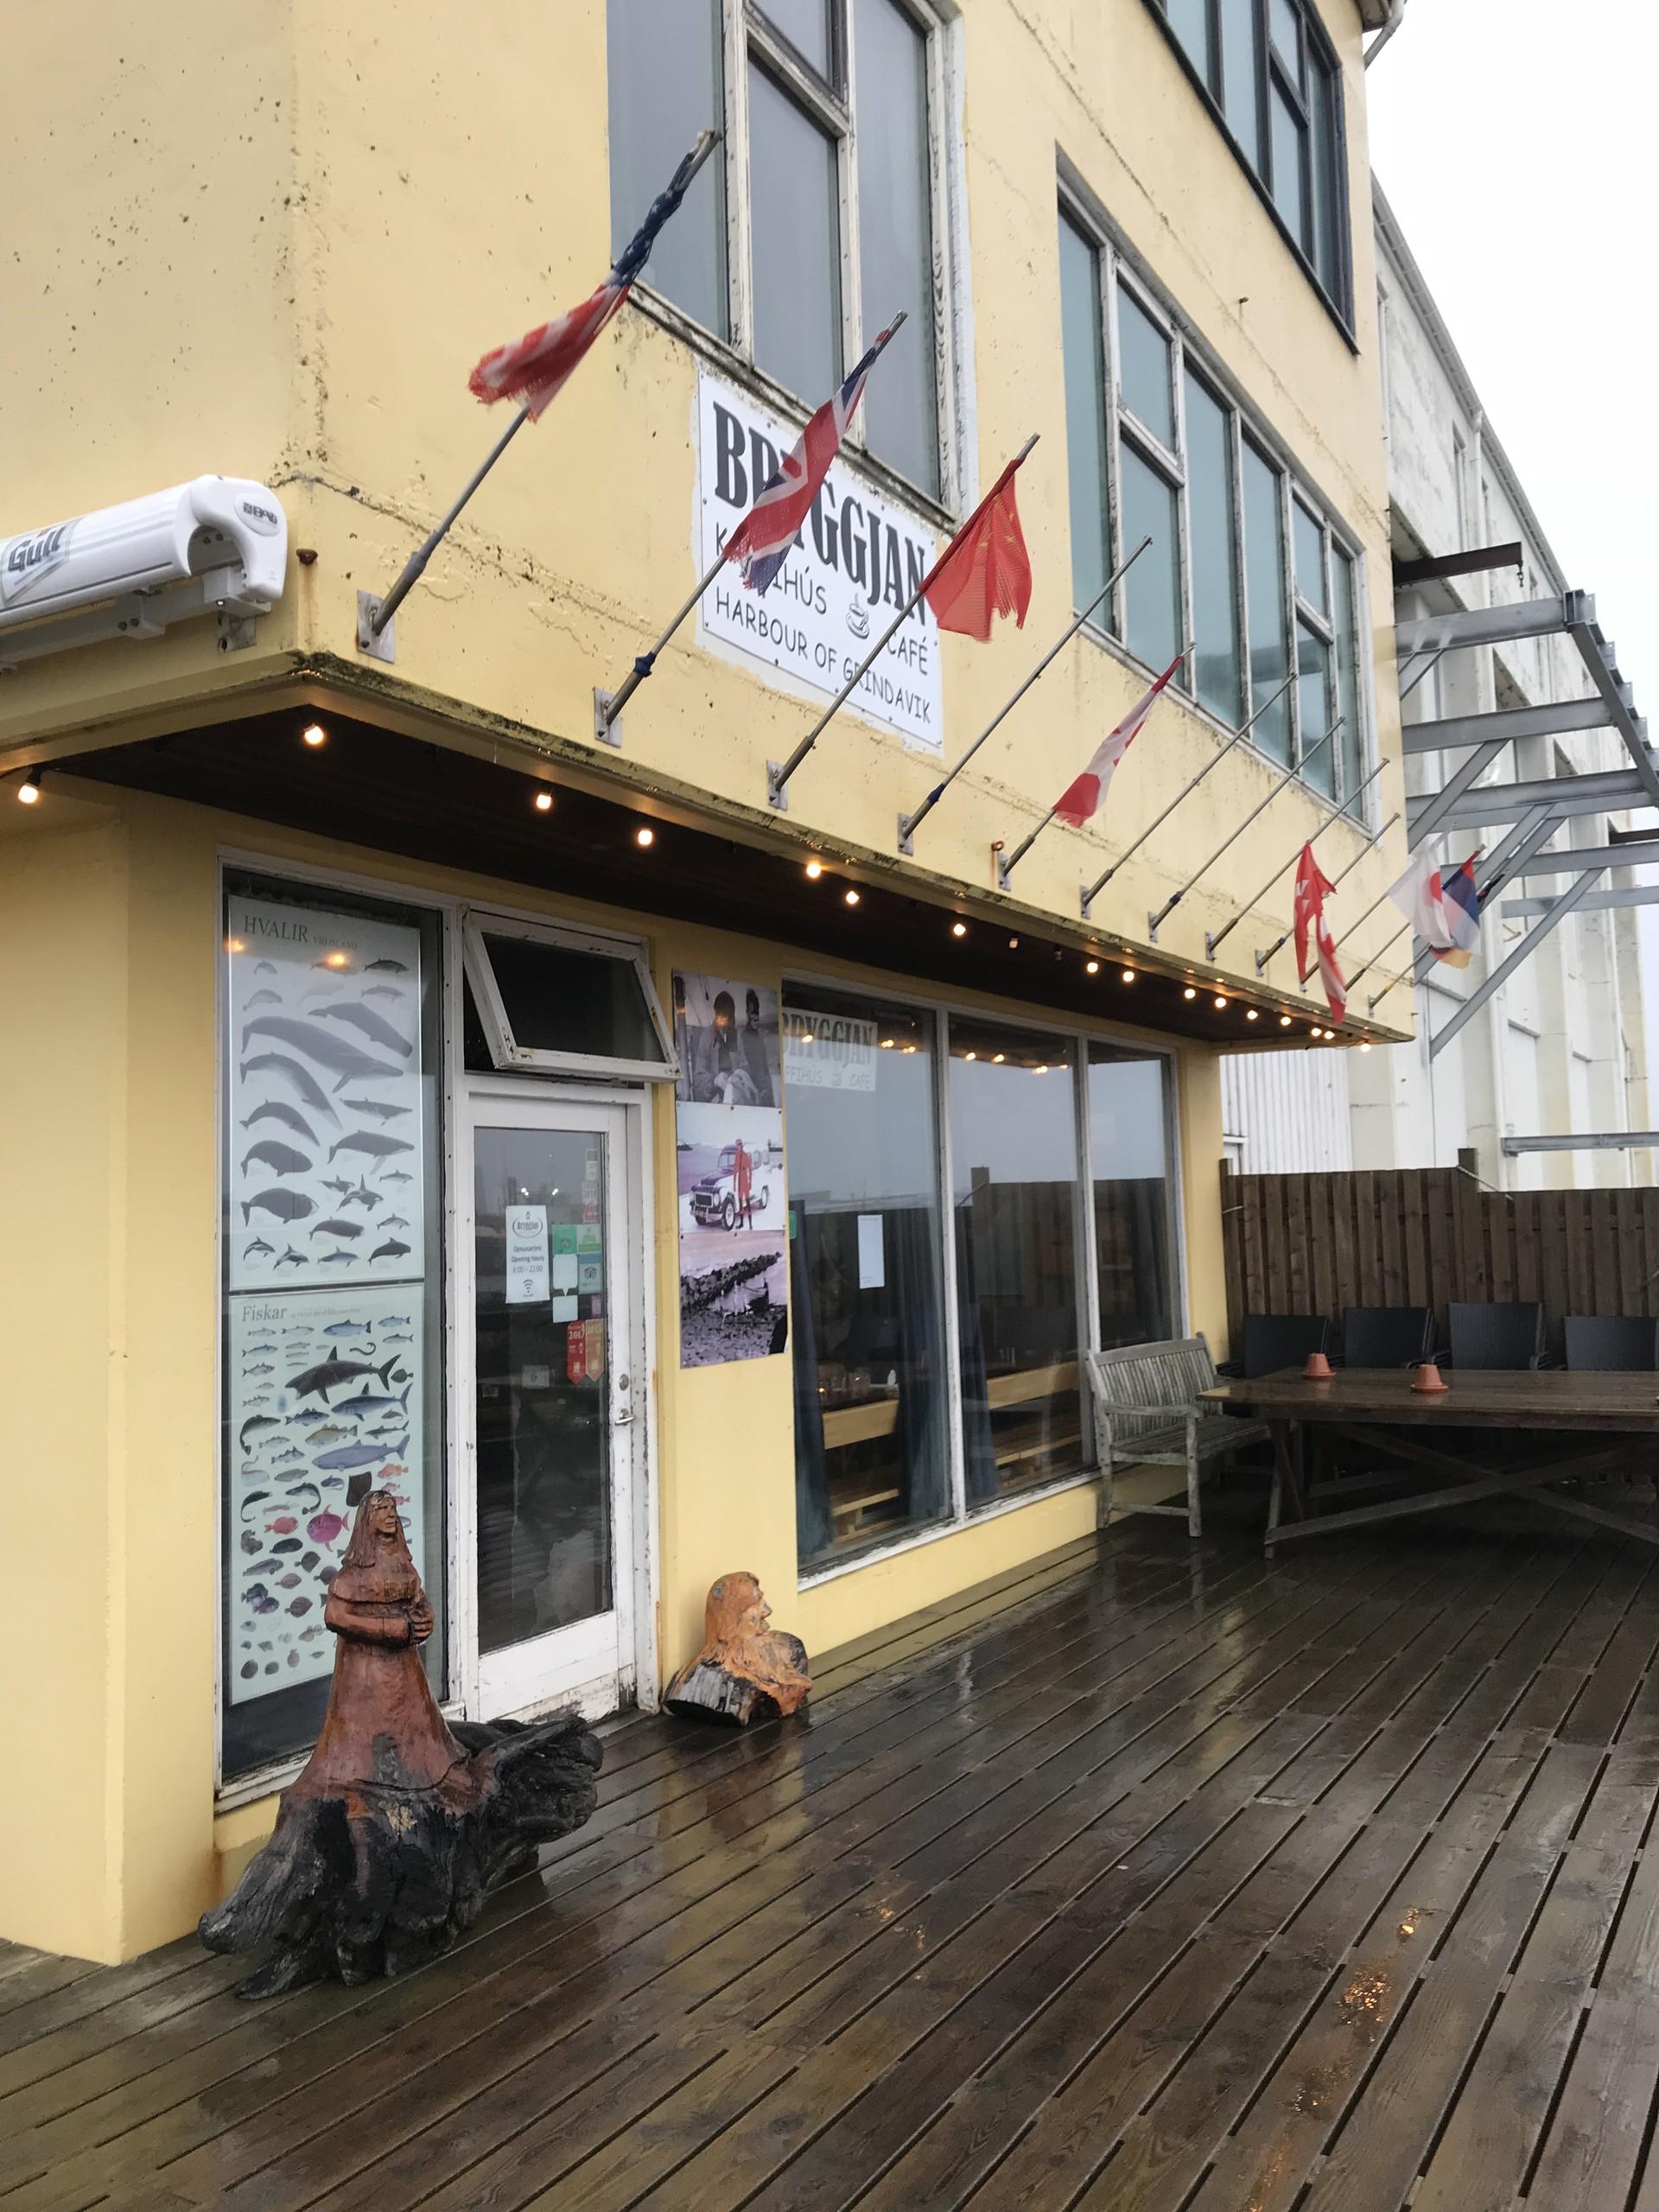 Bryggjan Cafè - Grindavik